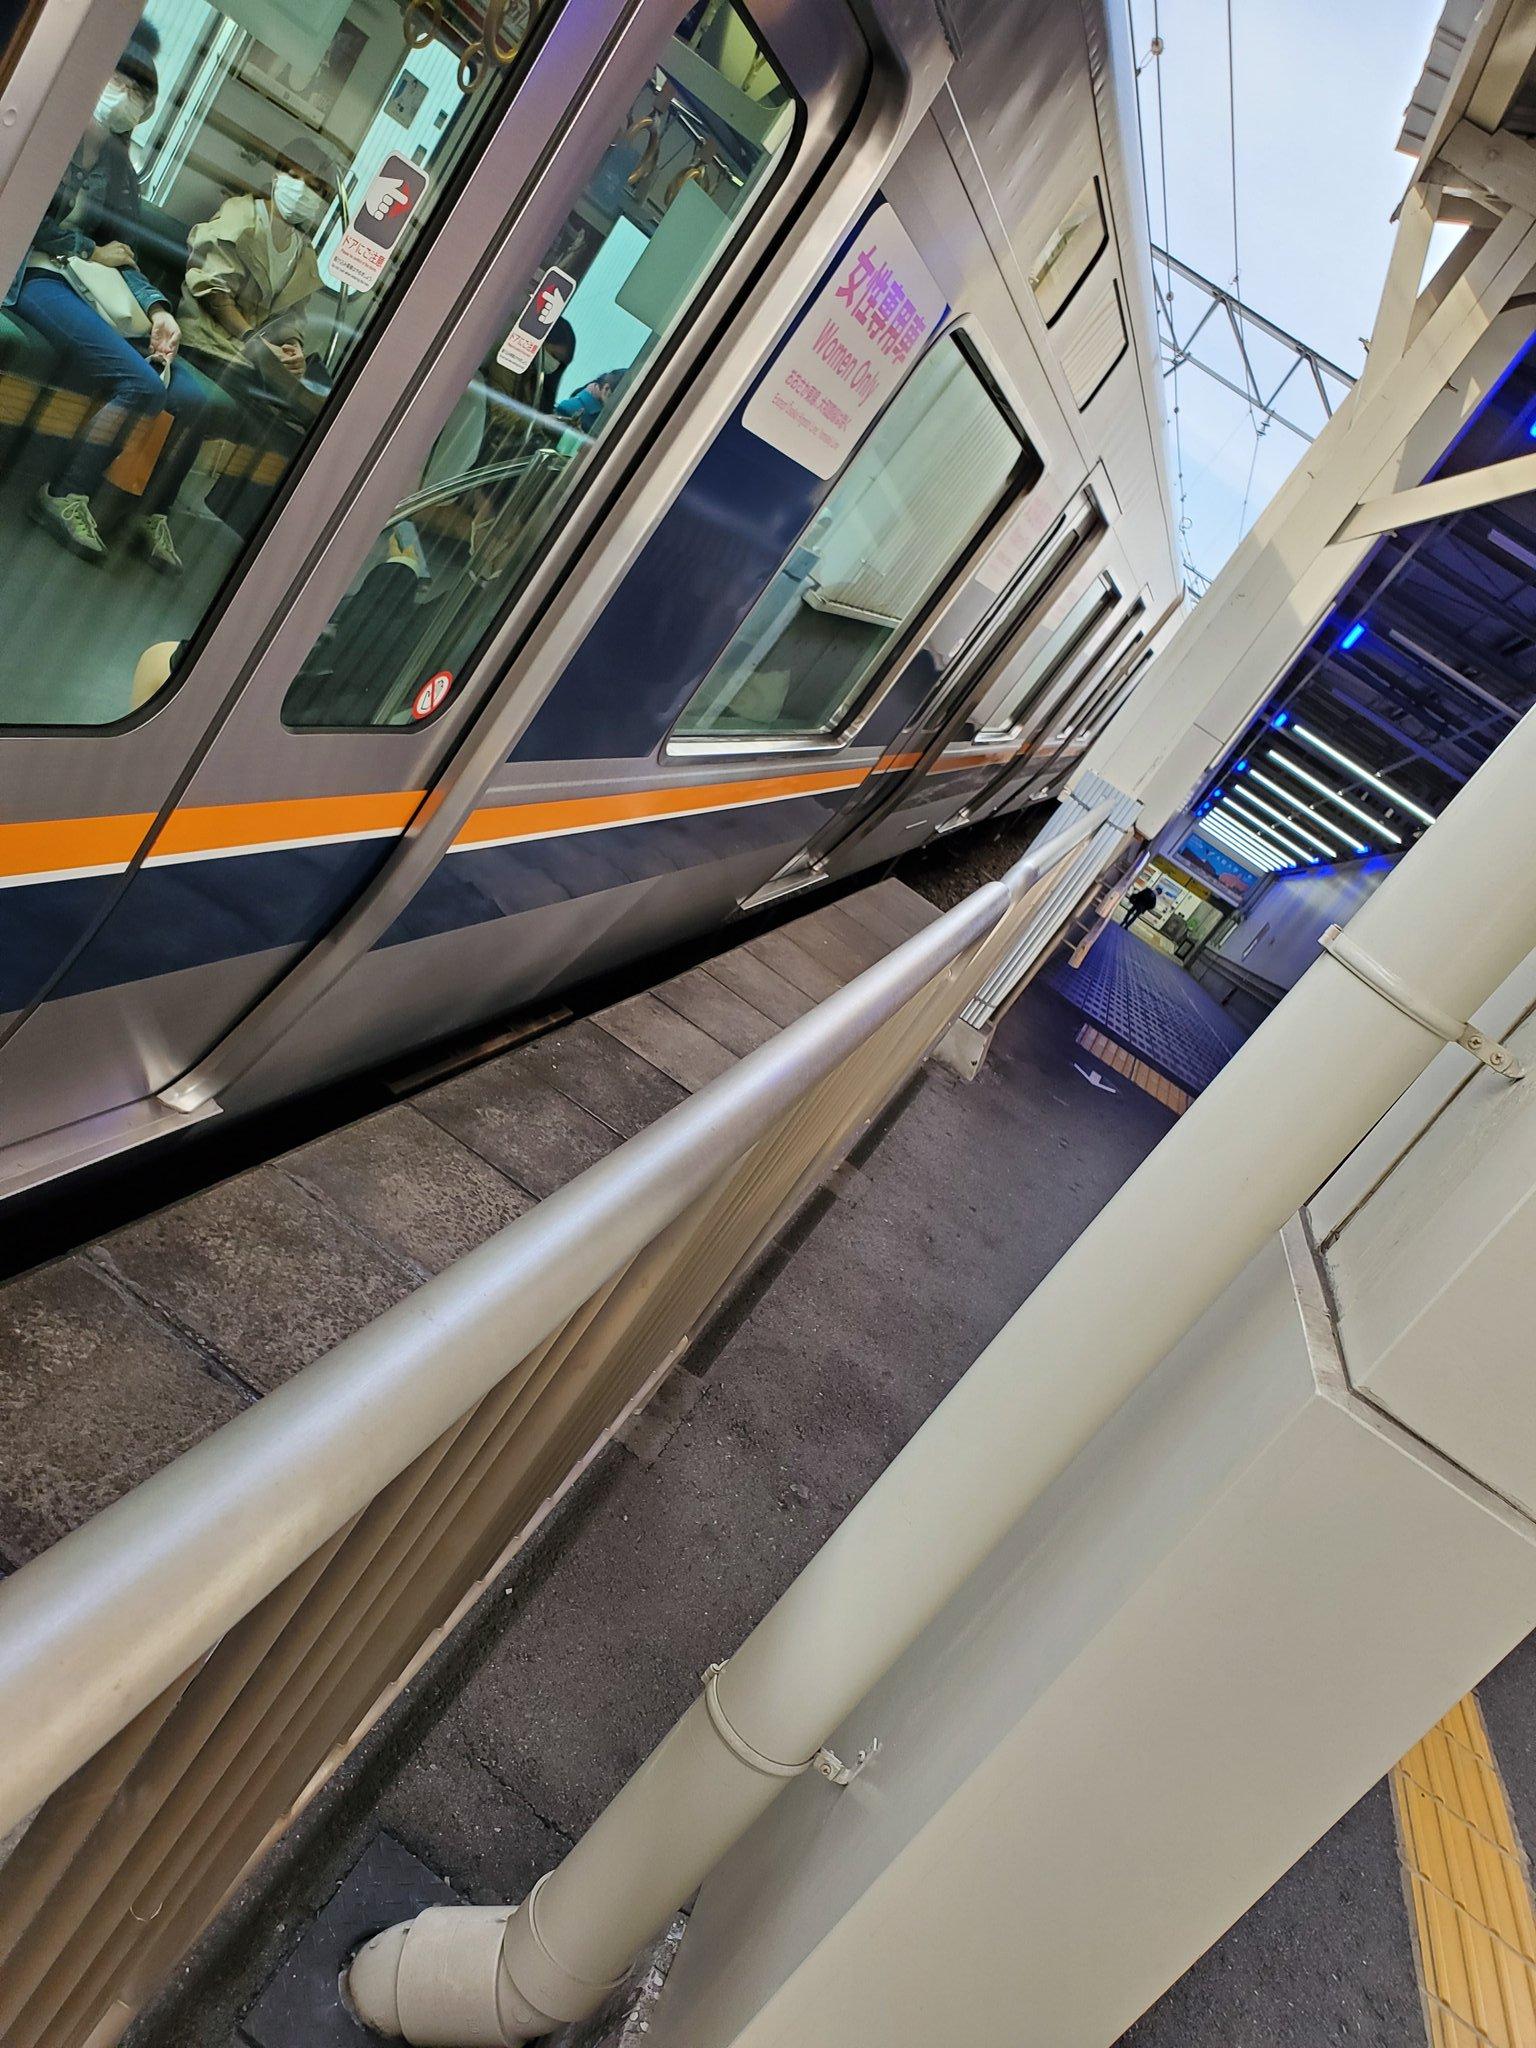 吹田駅の人身事故の当該列車の画像